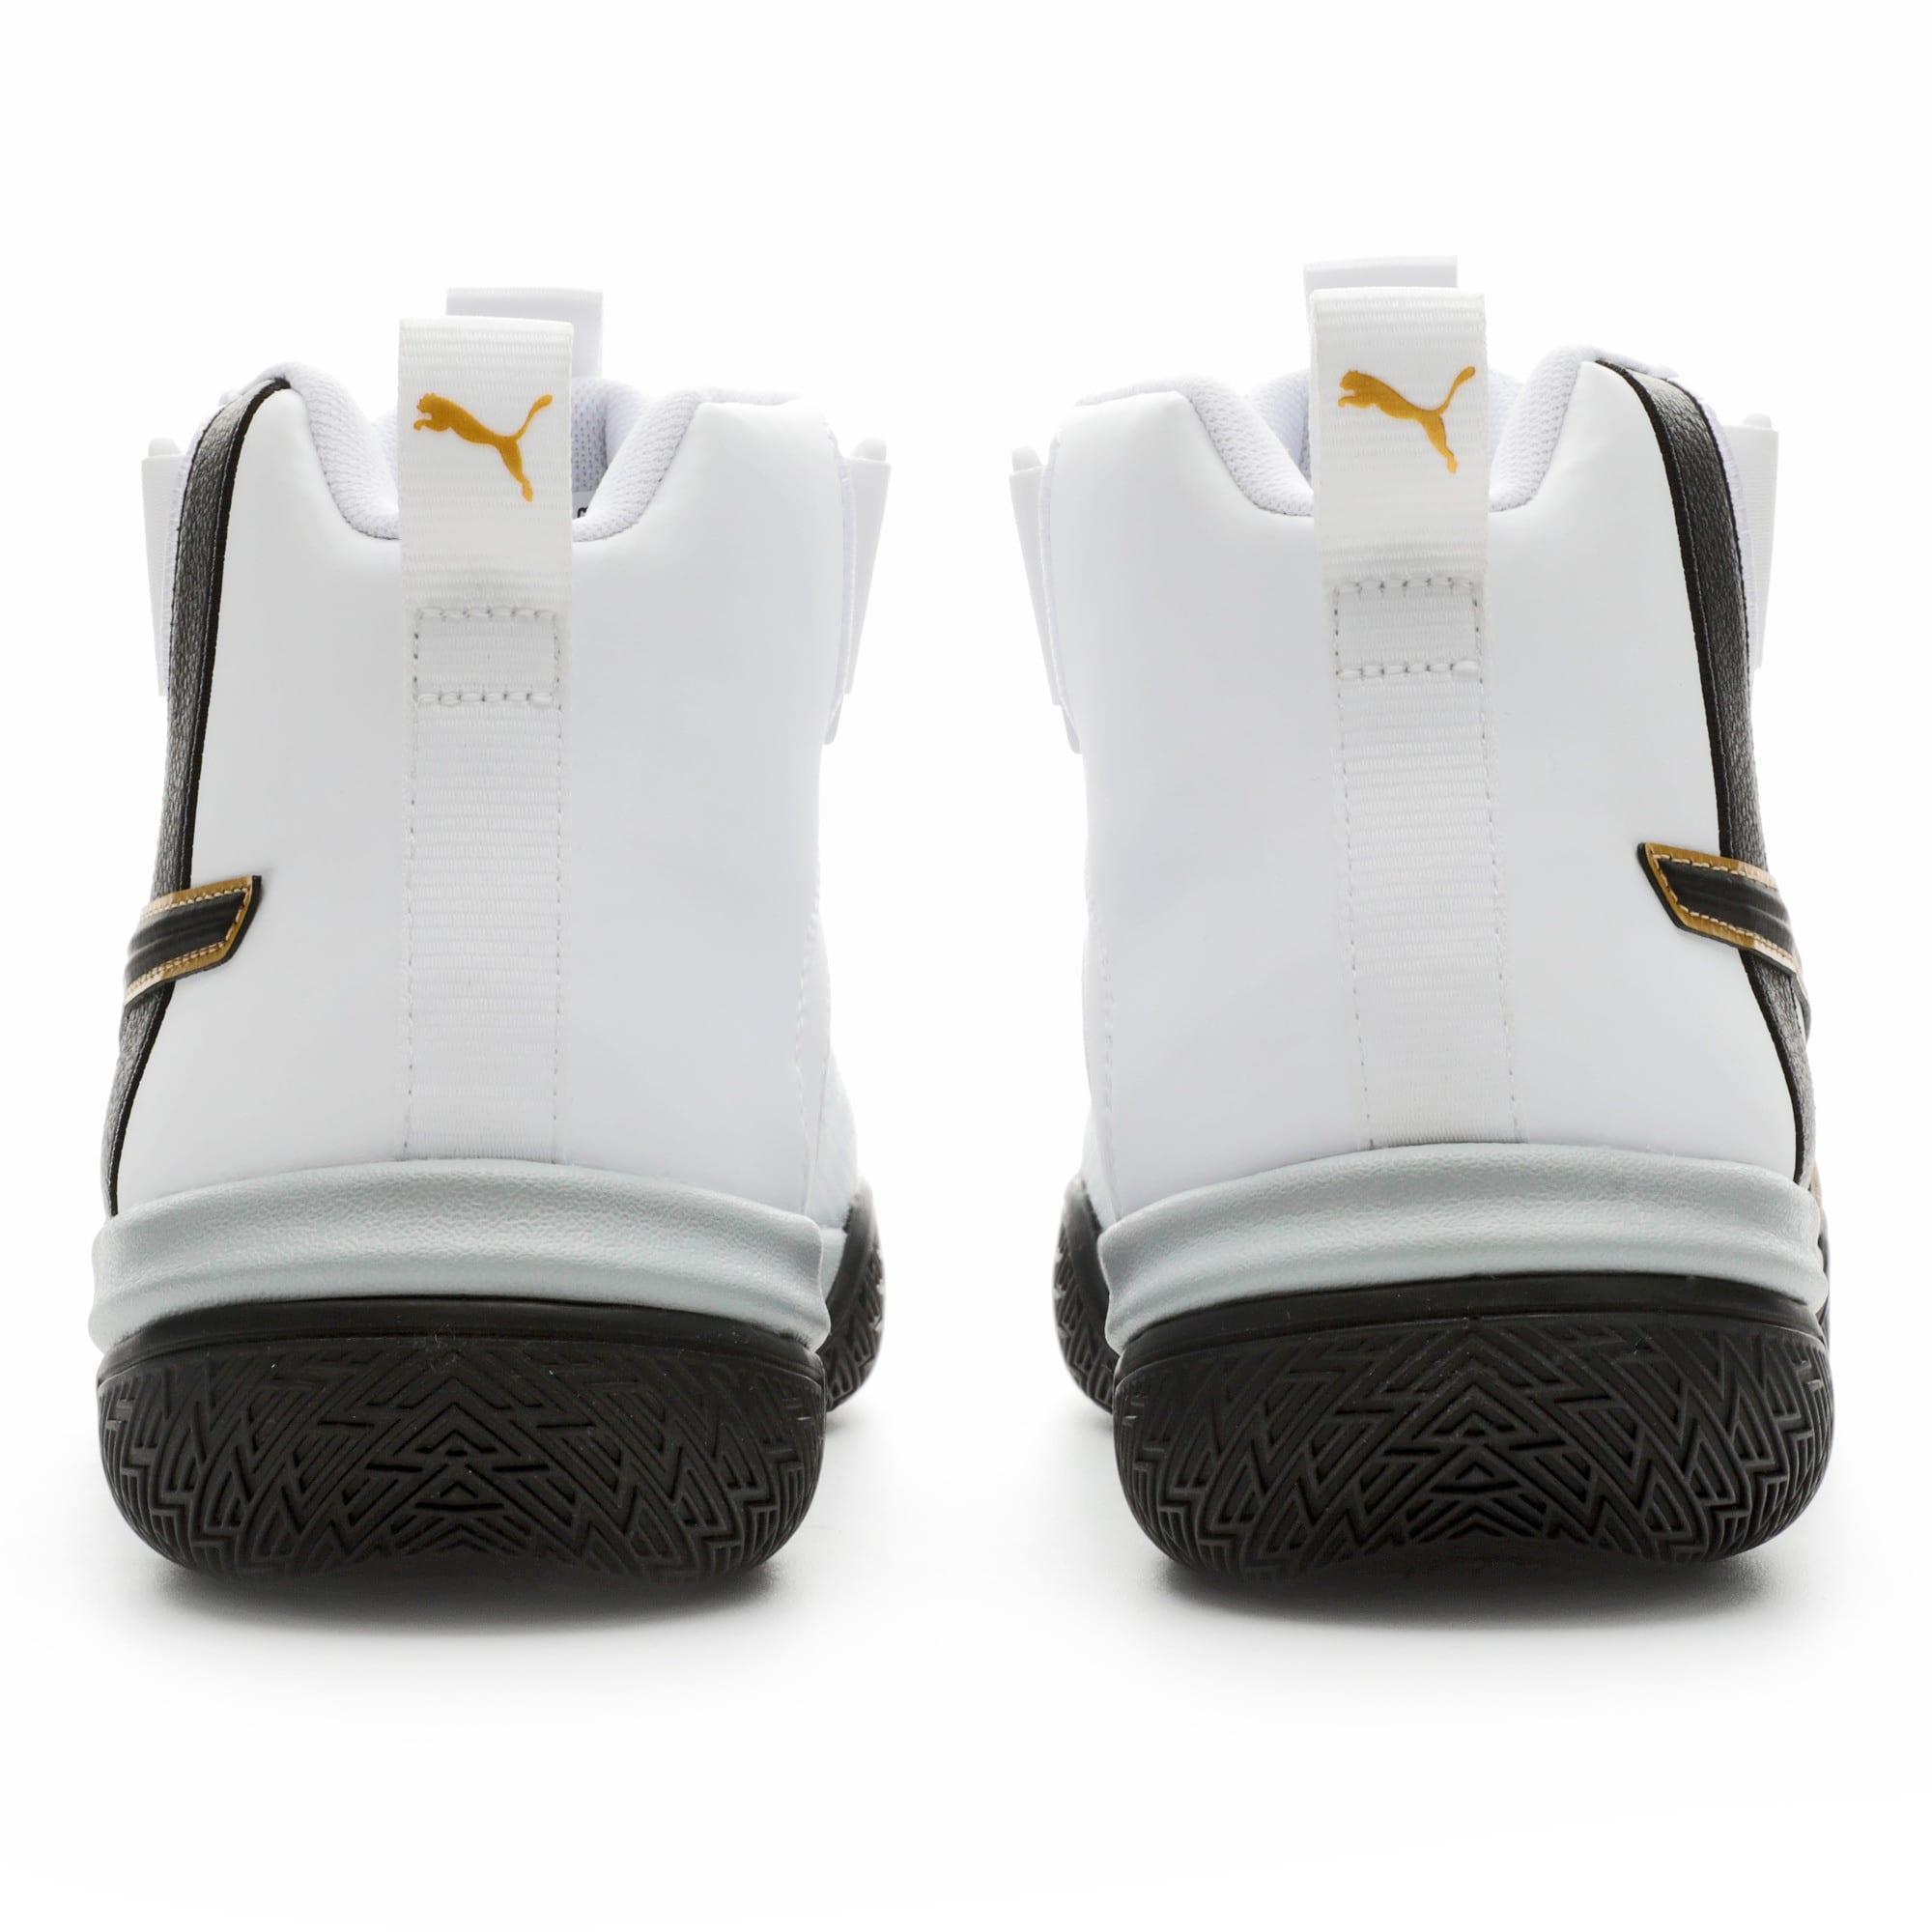 Thumbnail 3 of Legacy '68 Basketball Shoes, Puma Black-Puma White, medium